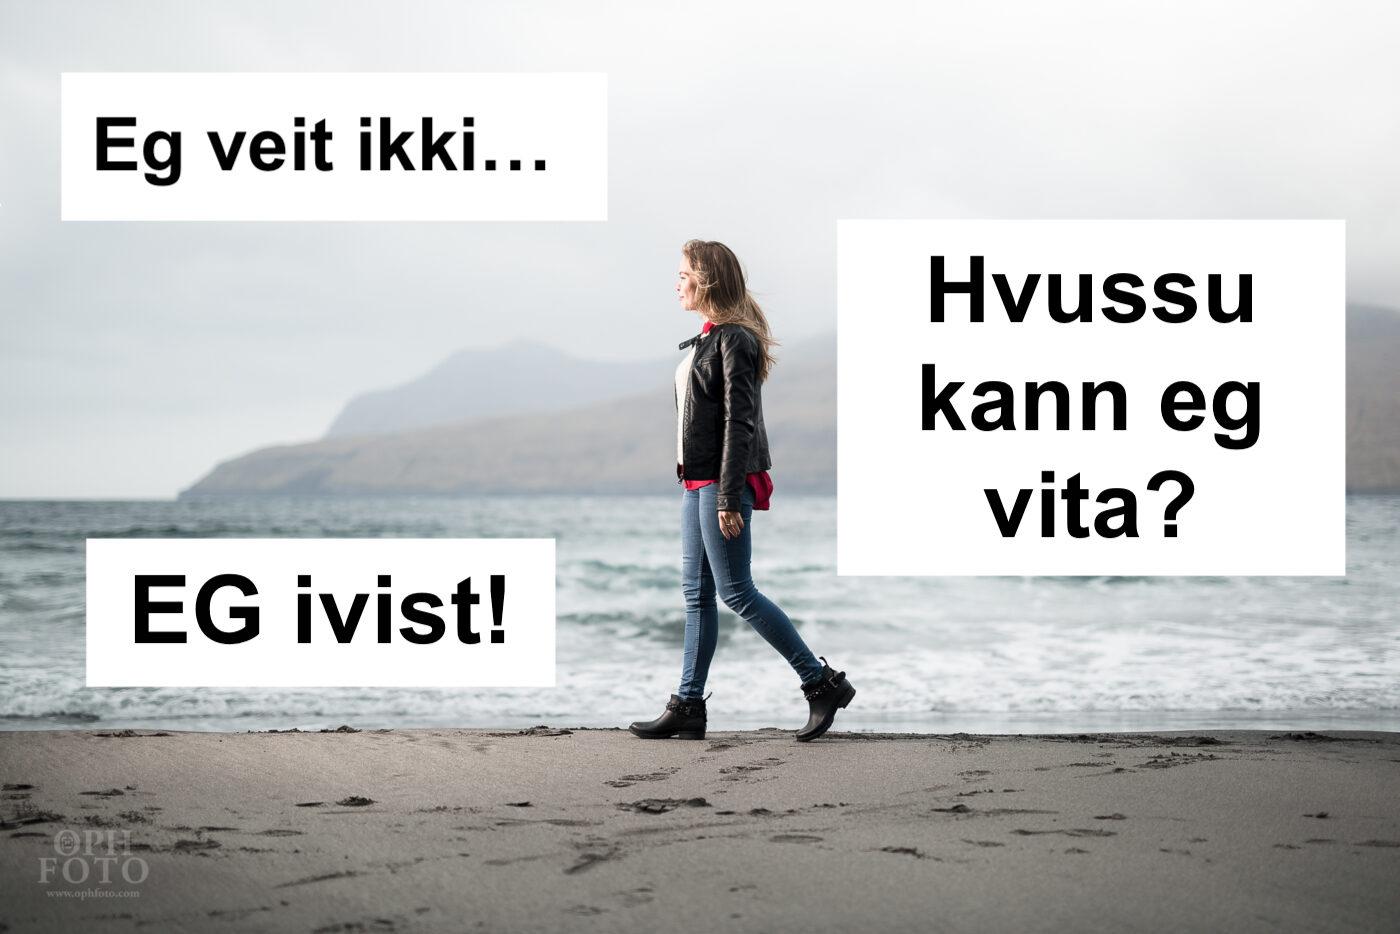 HVUSSU ER MAN SIKKUR Í, AT MAN ER KRISTIN? // Prátiðpodcast #8